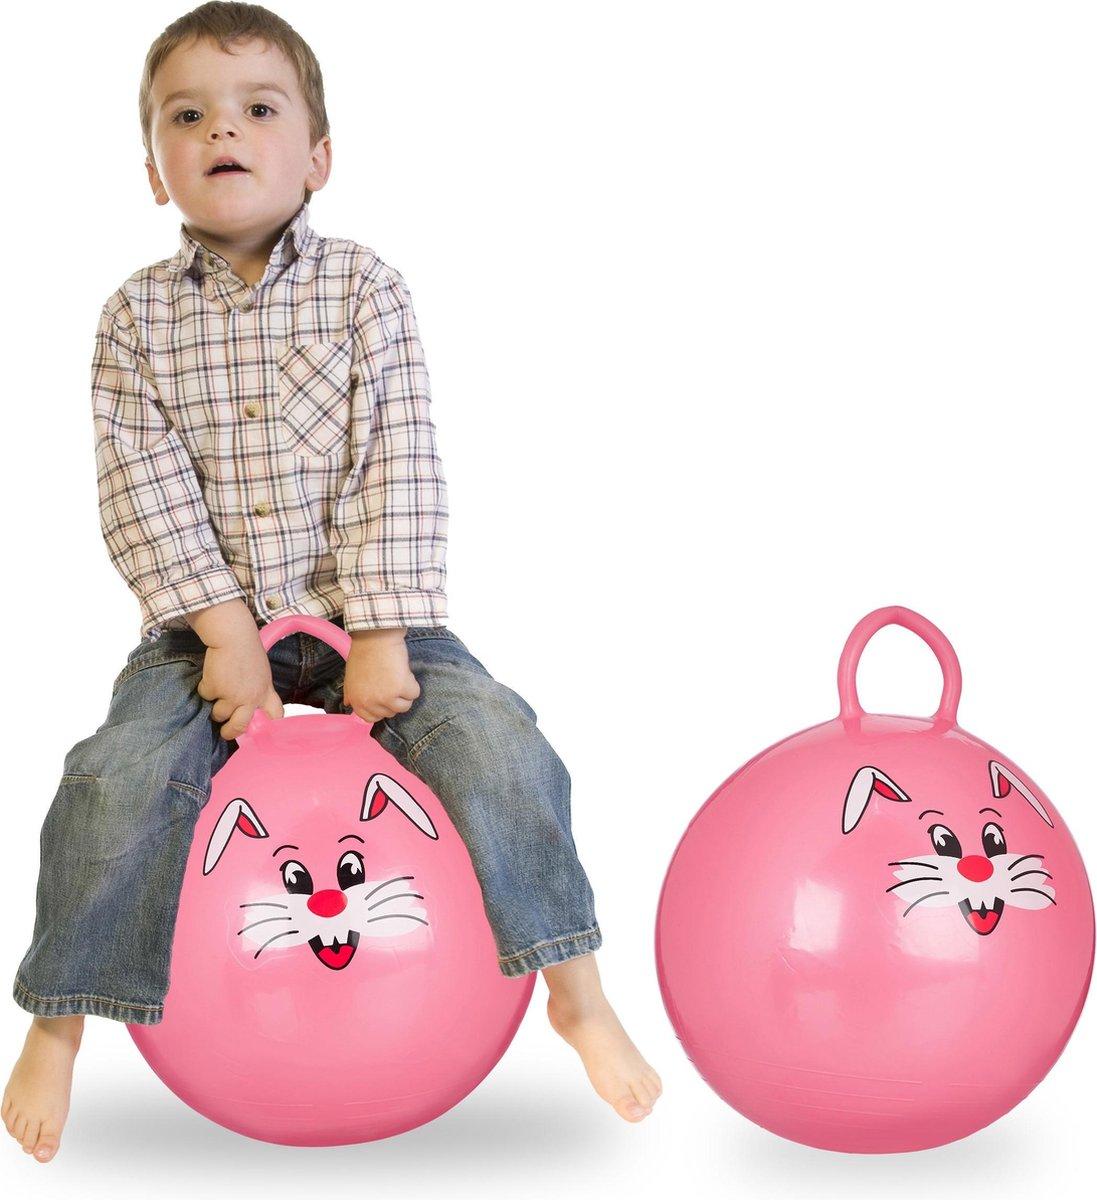 relaxdays 2 x skippybal in set - voor kinderen - Met konijn opdruk - springbal - roze